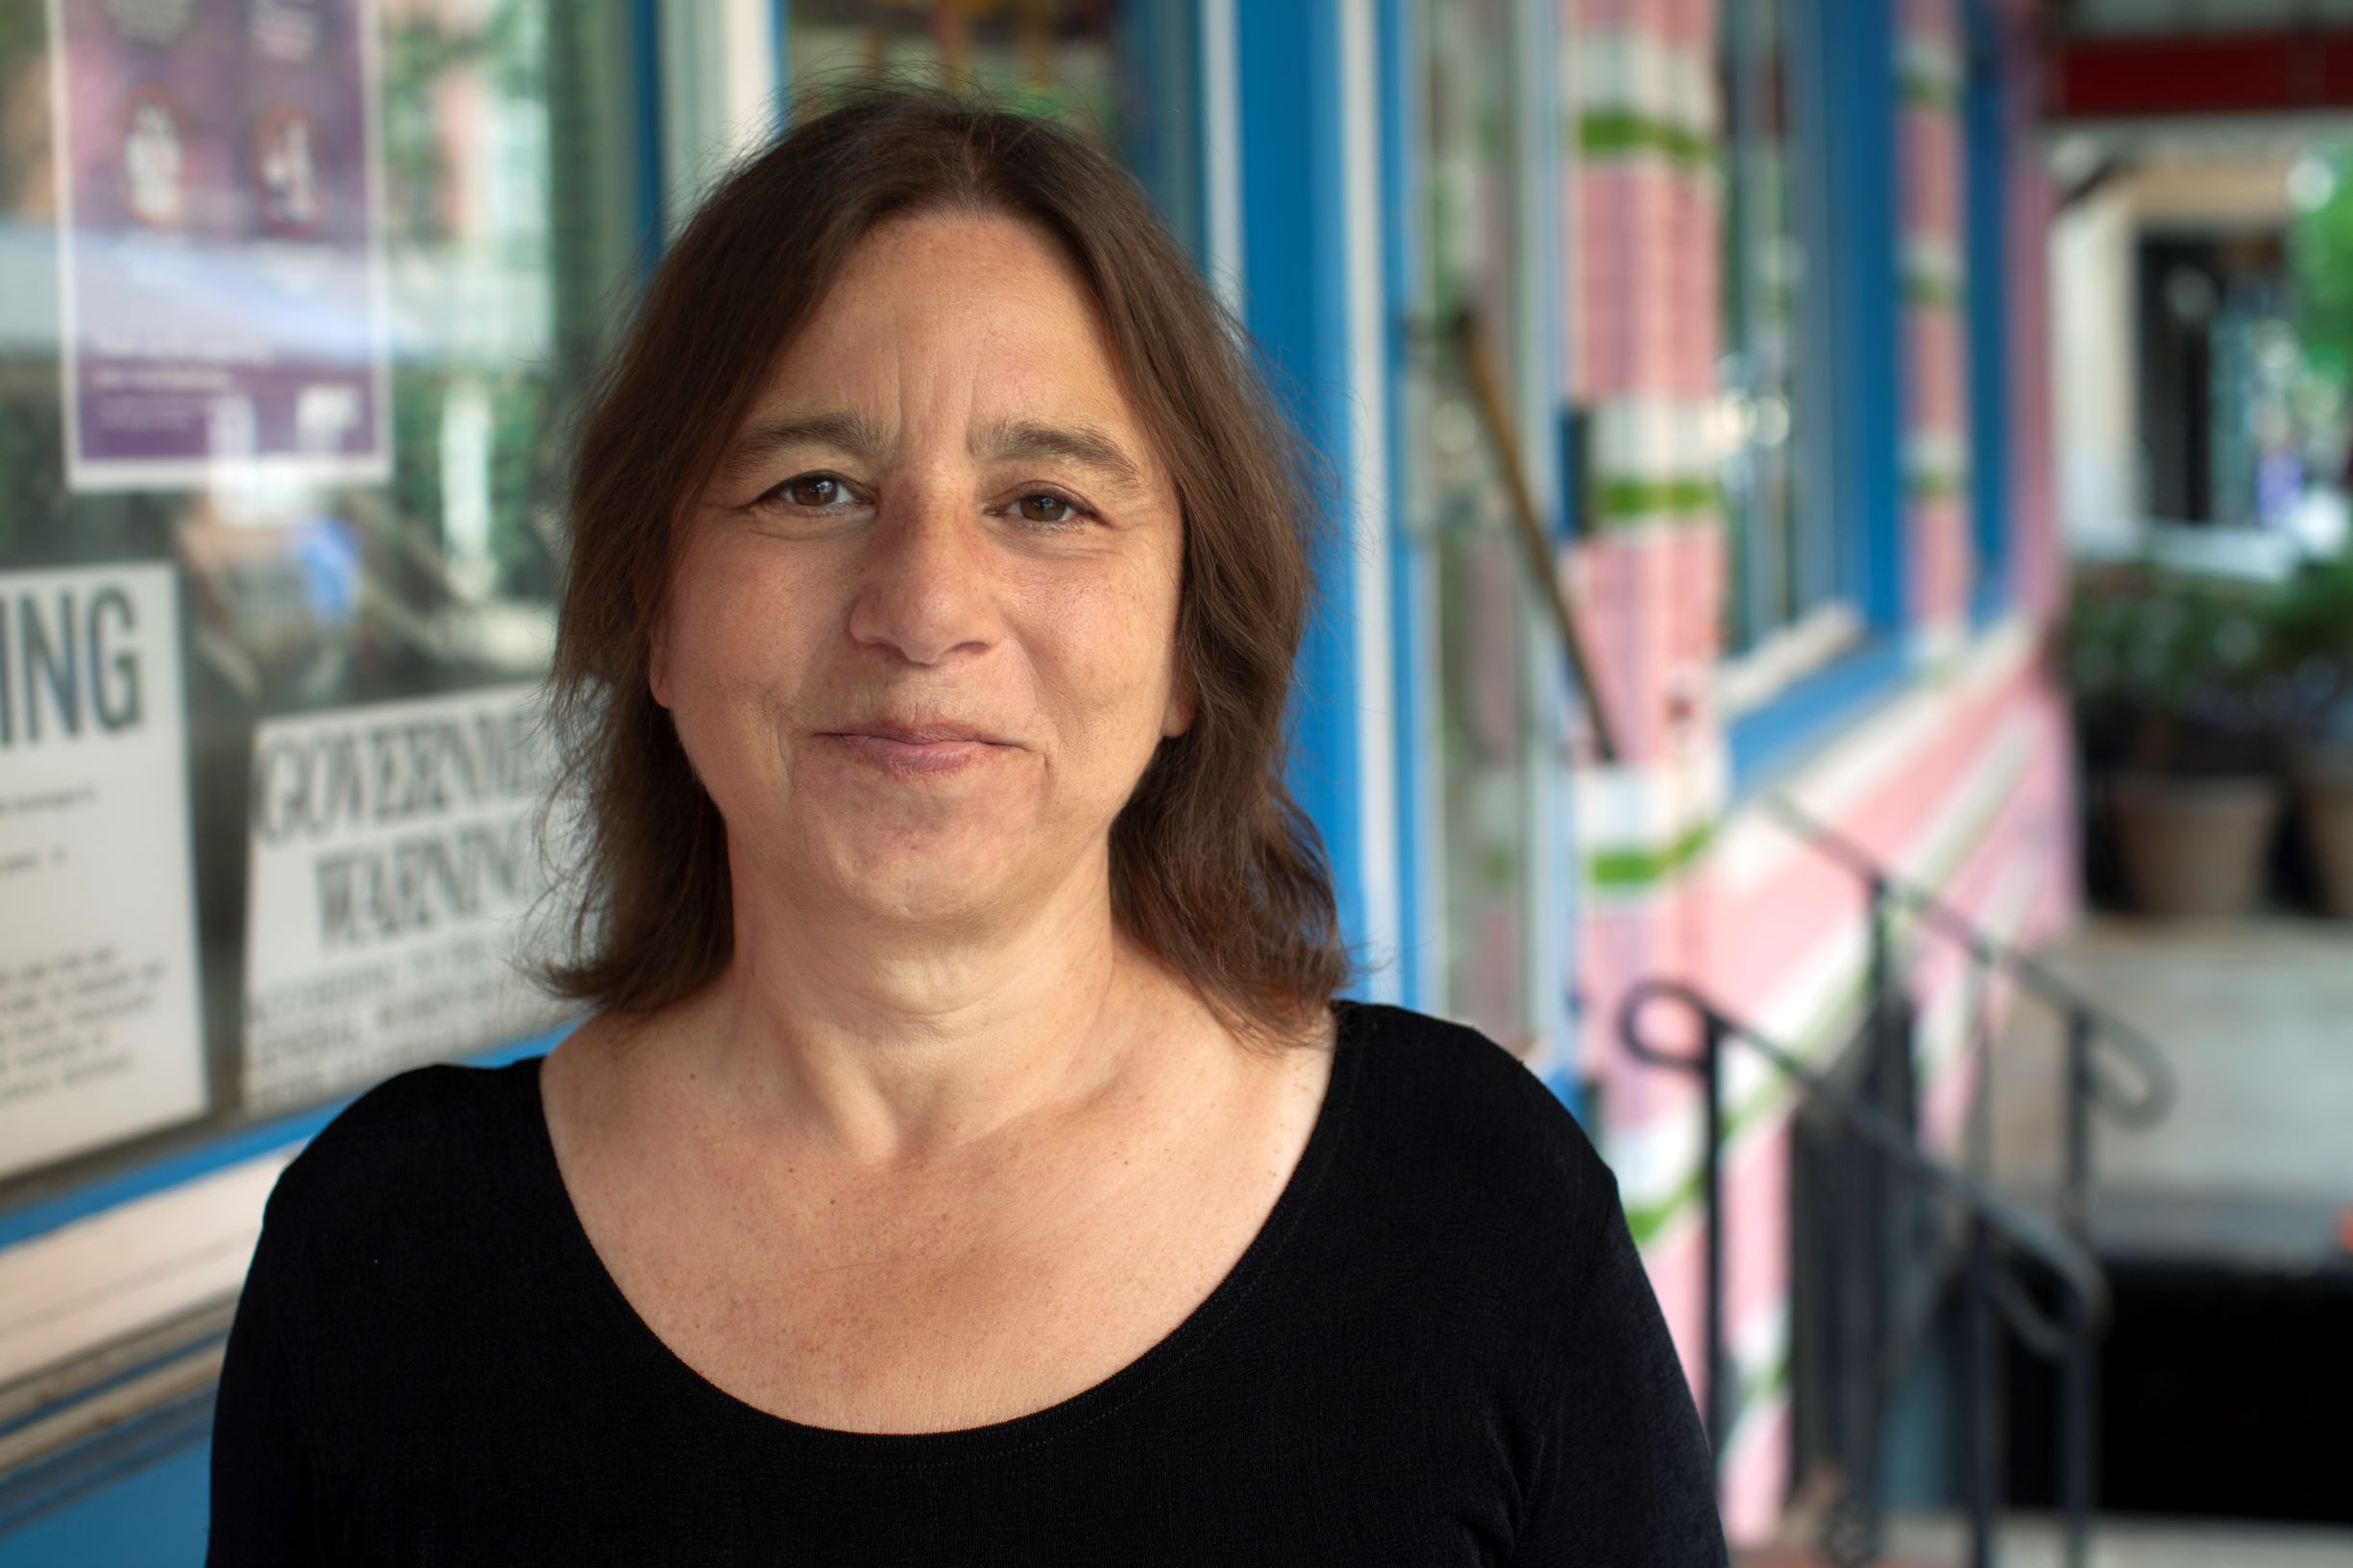 Photo of Sarah Schulman on the street